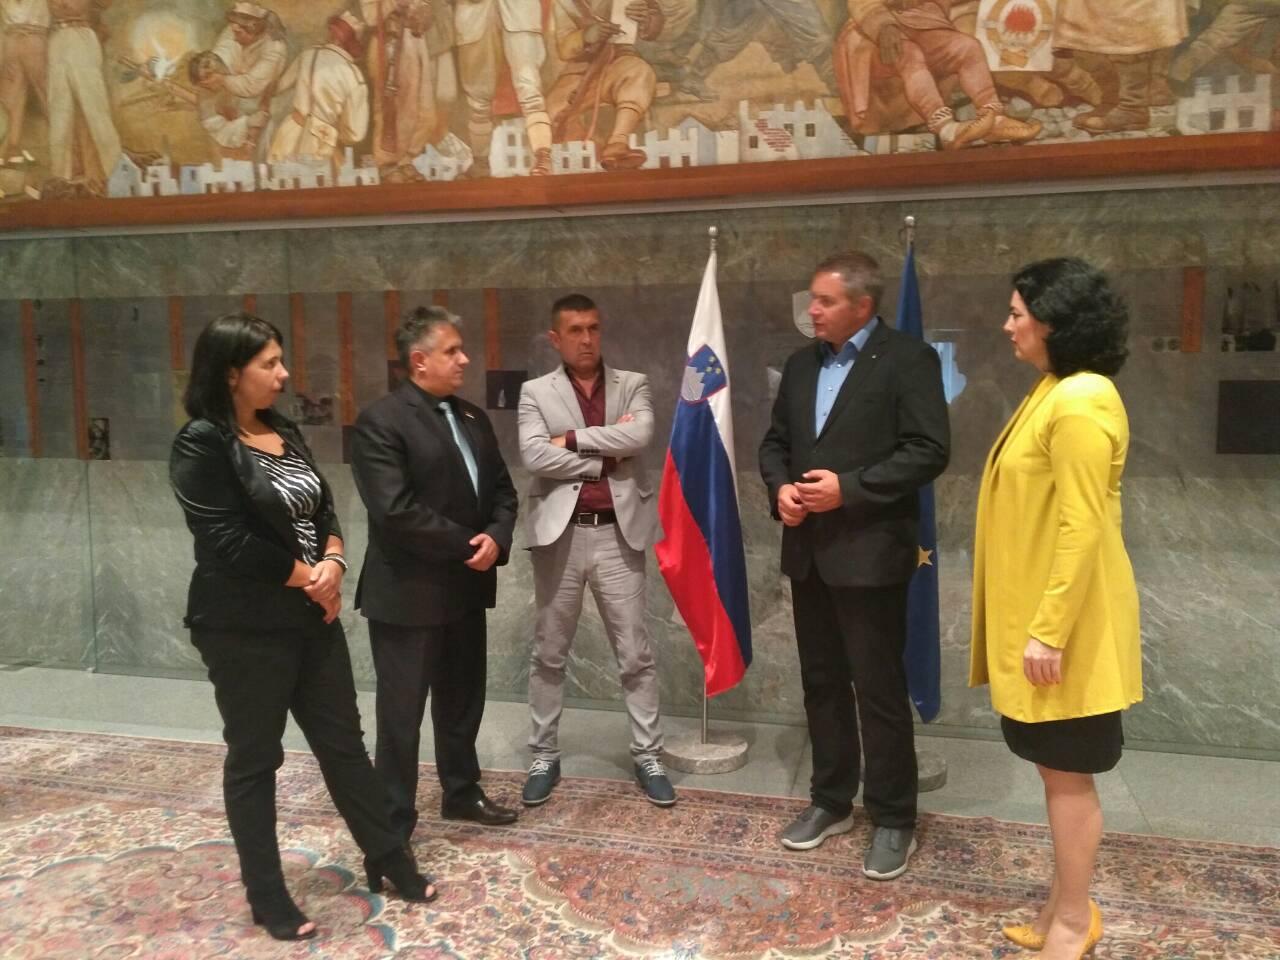 Sastanak u Državnom zboru Slovenije, foto: M.M.